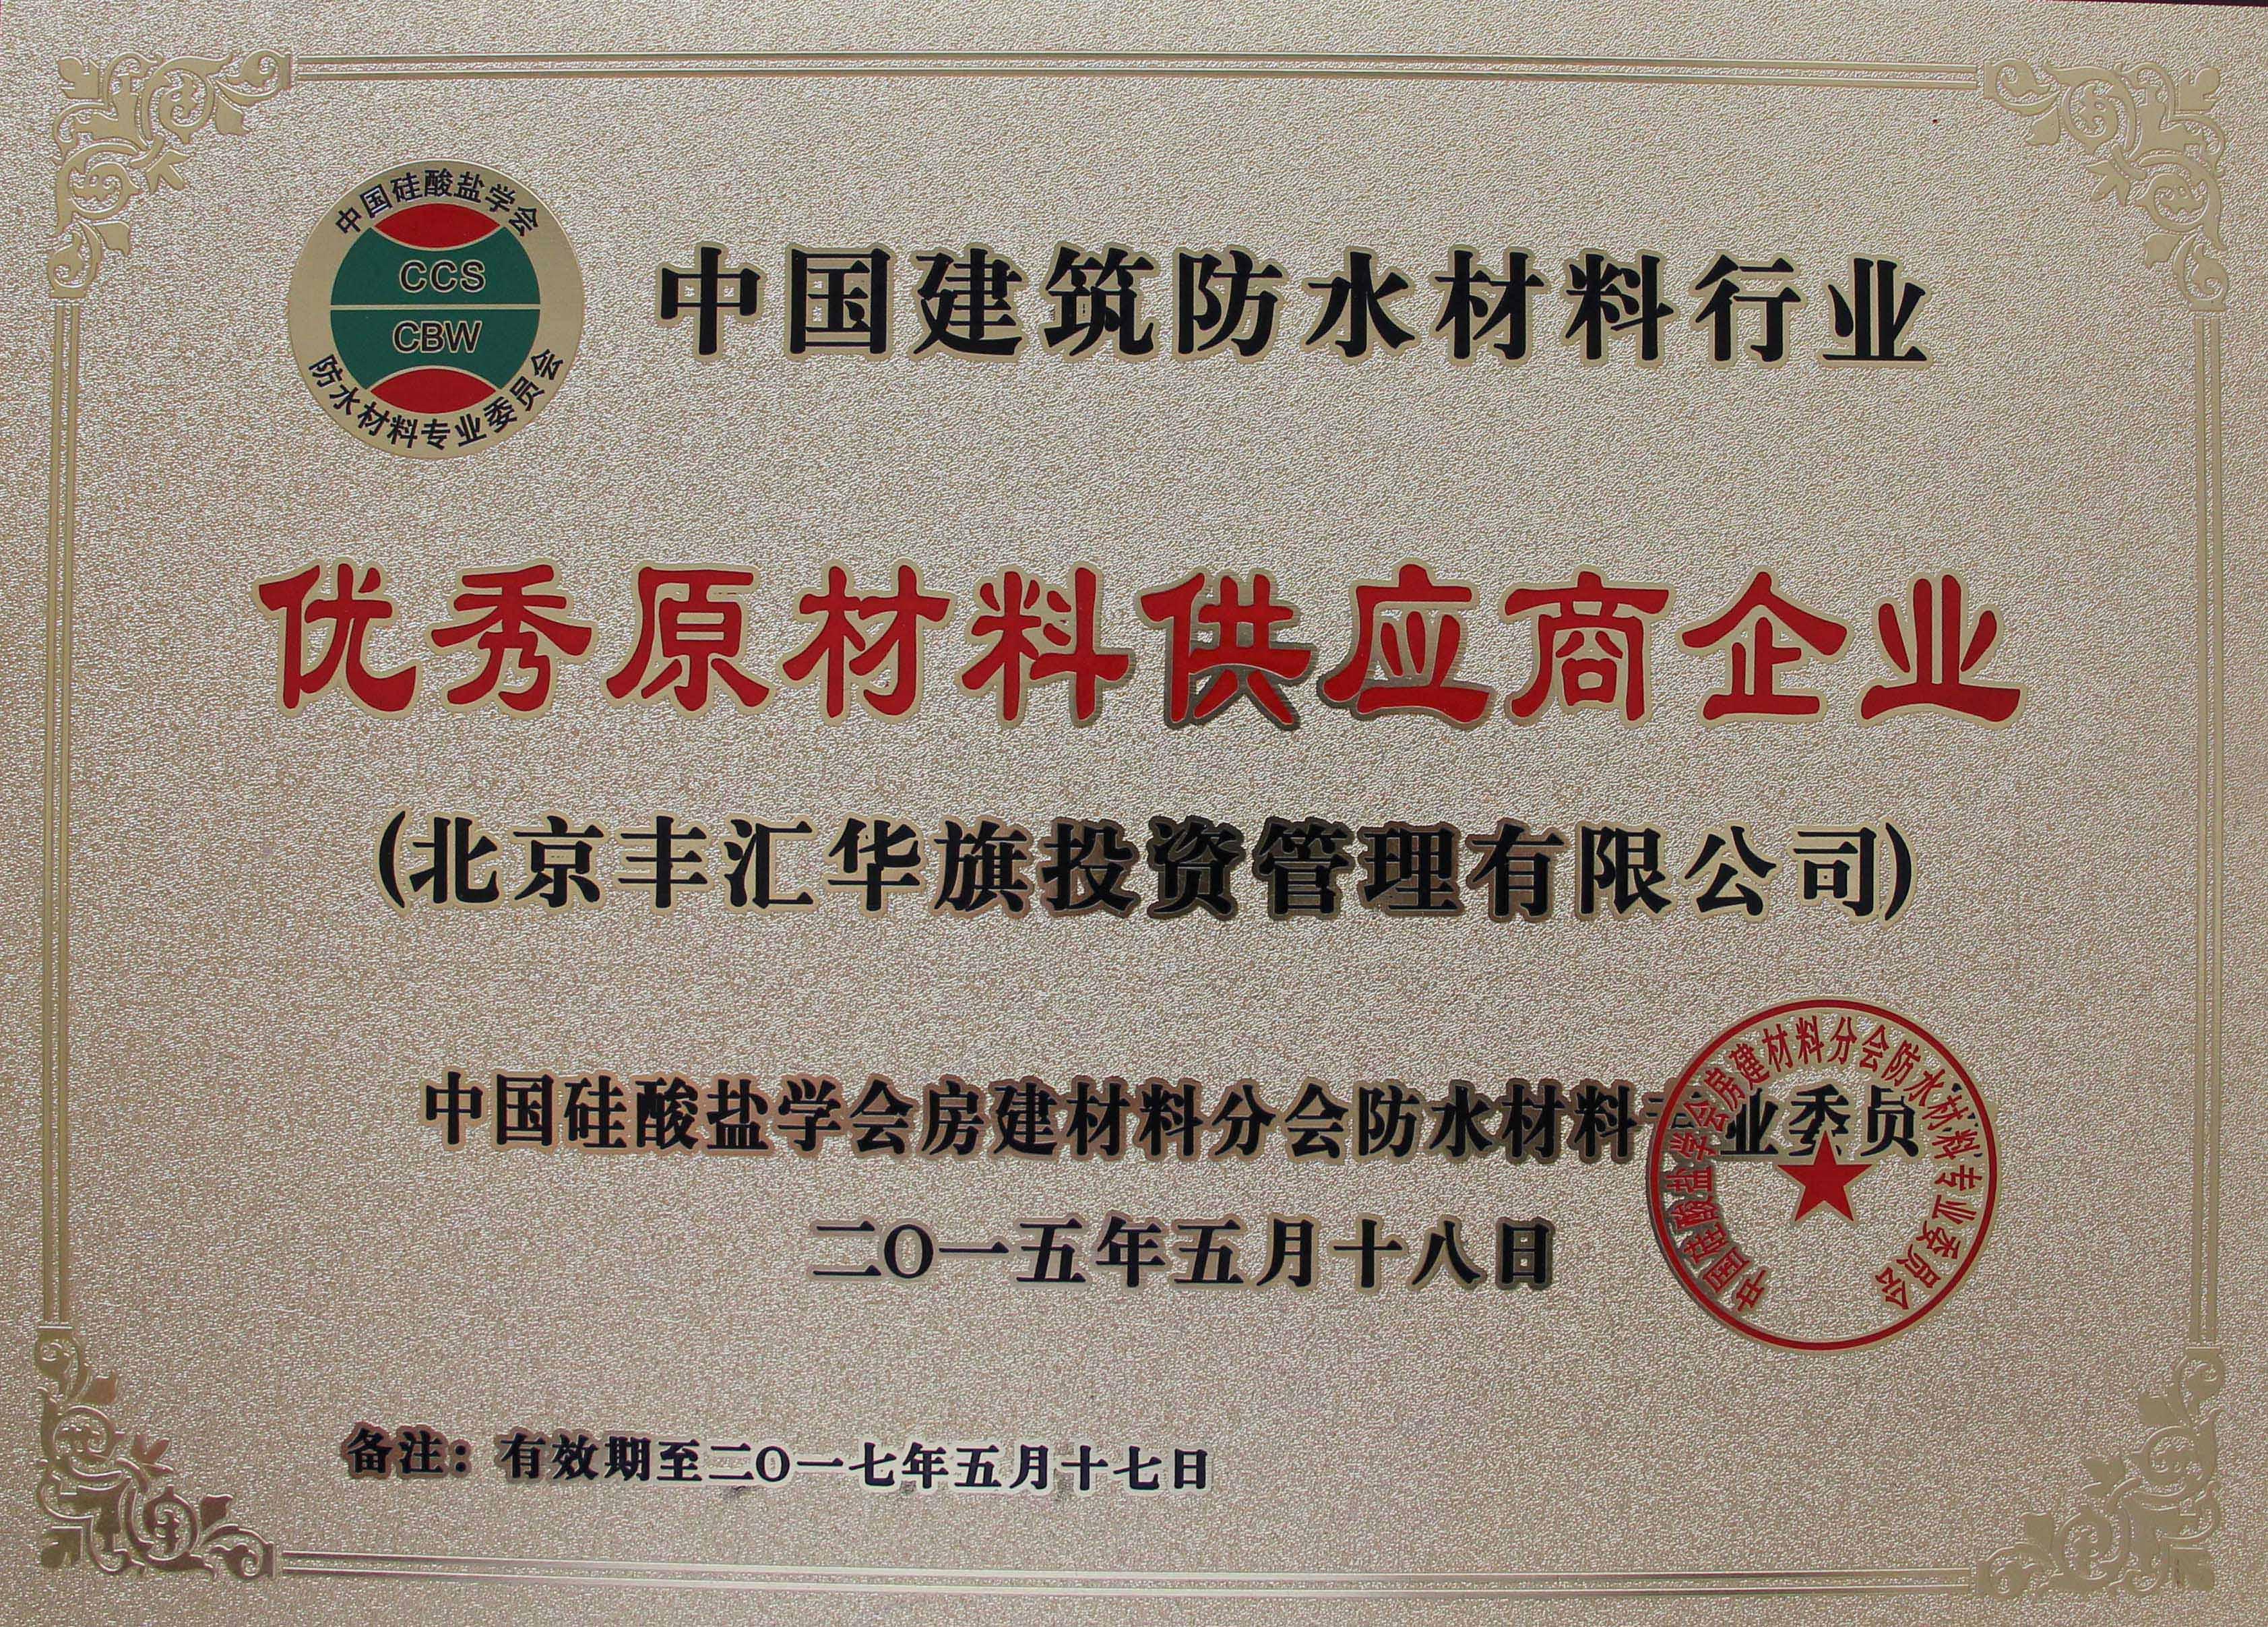 中国建筑防水行业---优秀原材料供应商企业